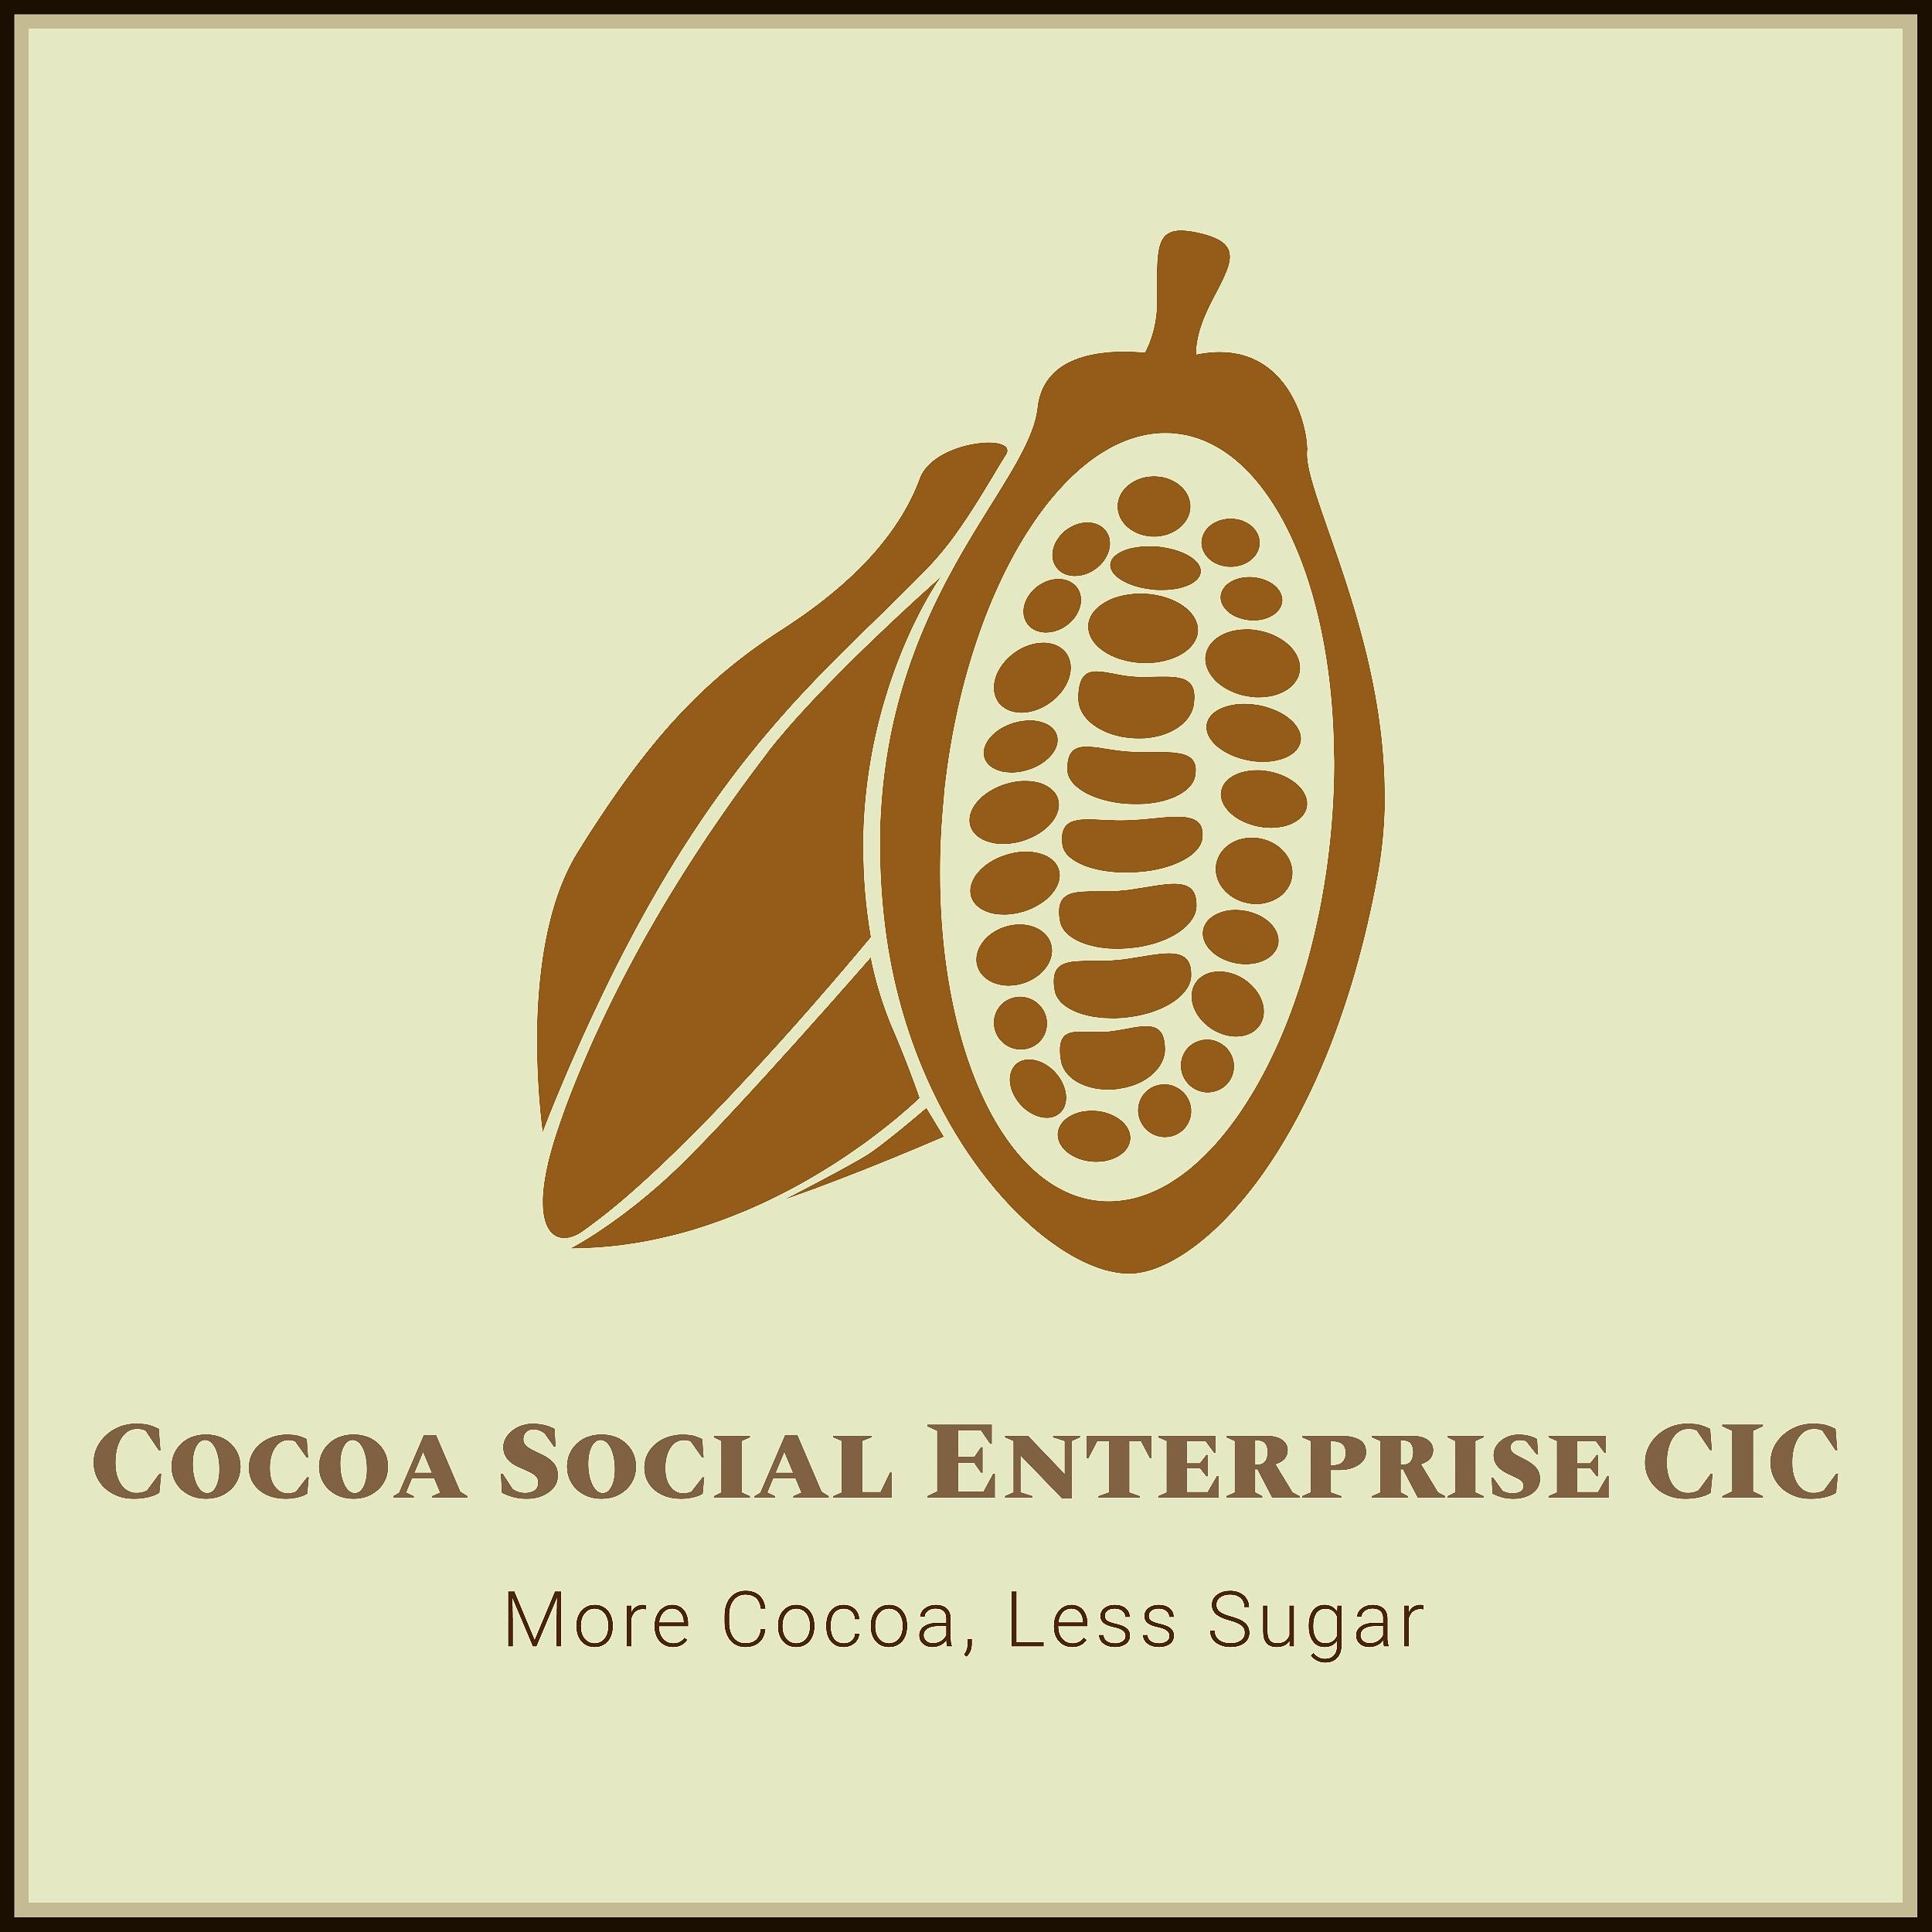 Cocoa Social Enterprise logo